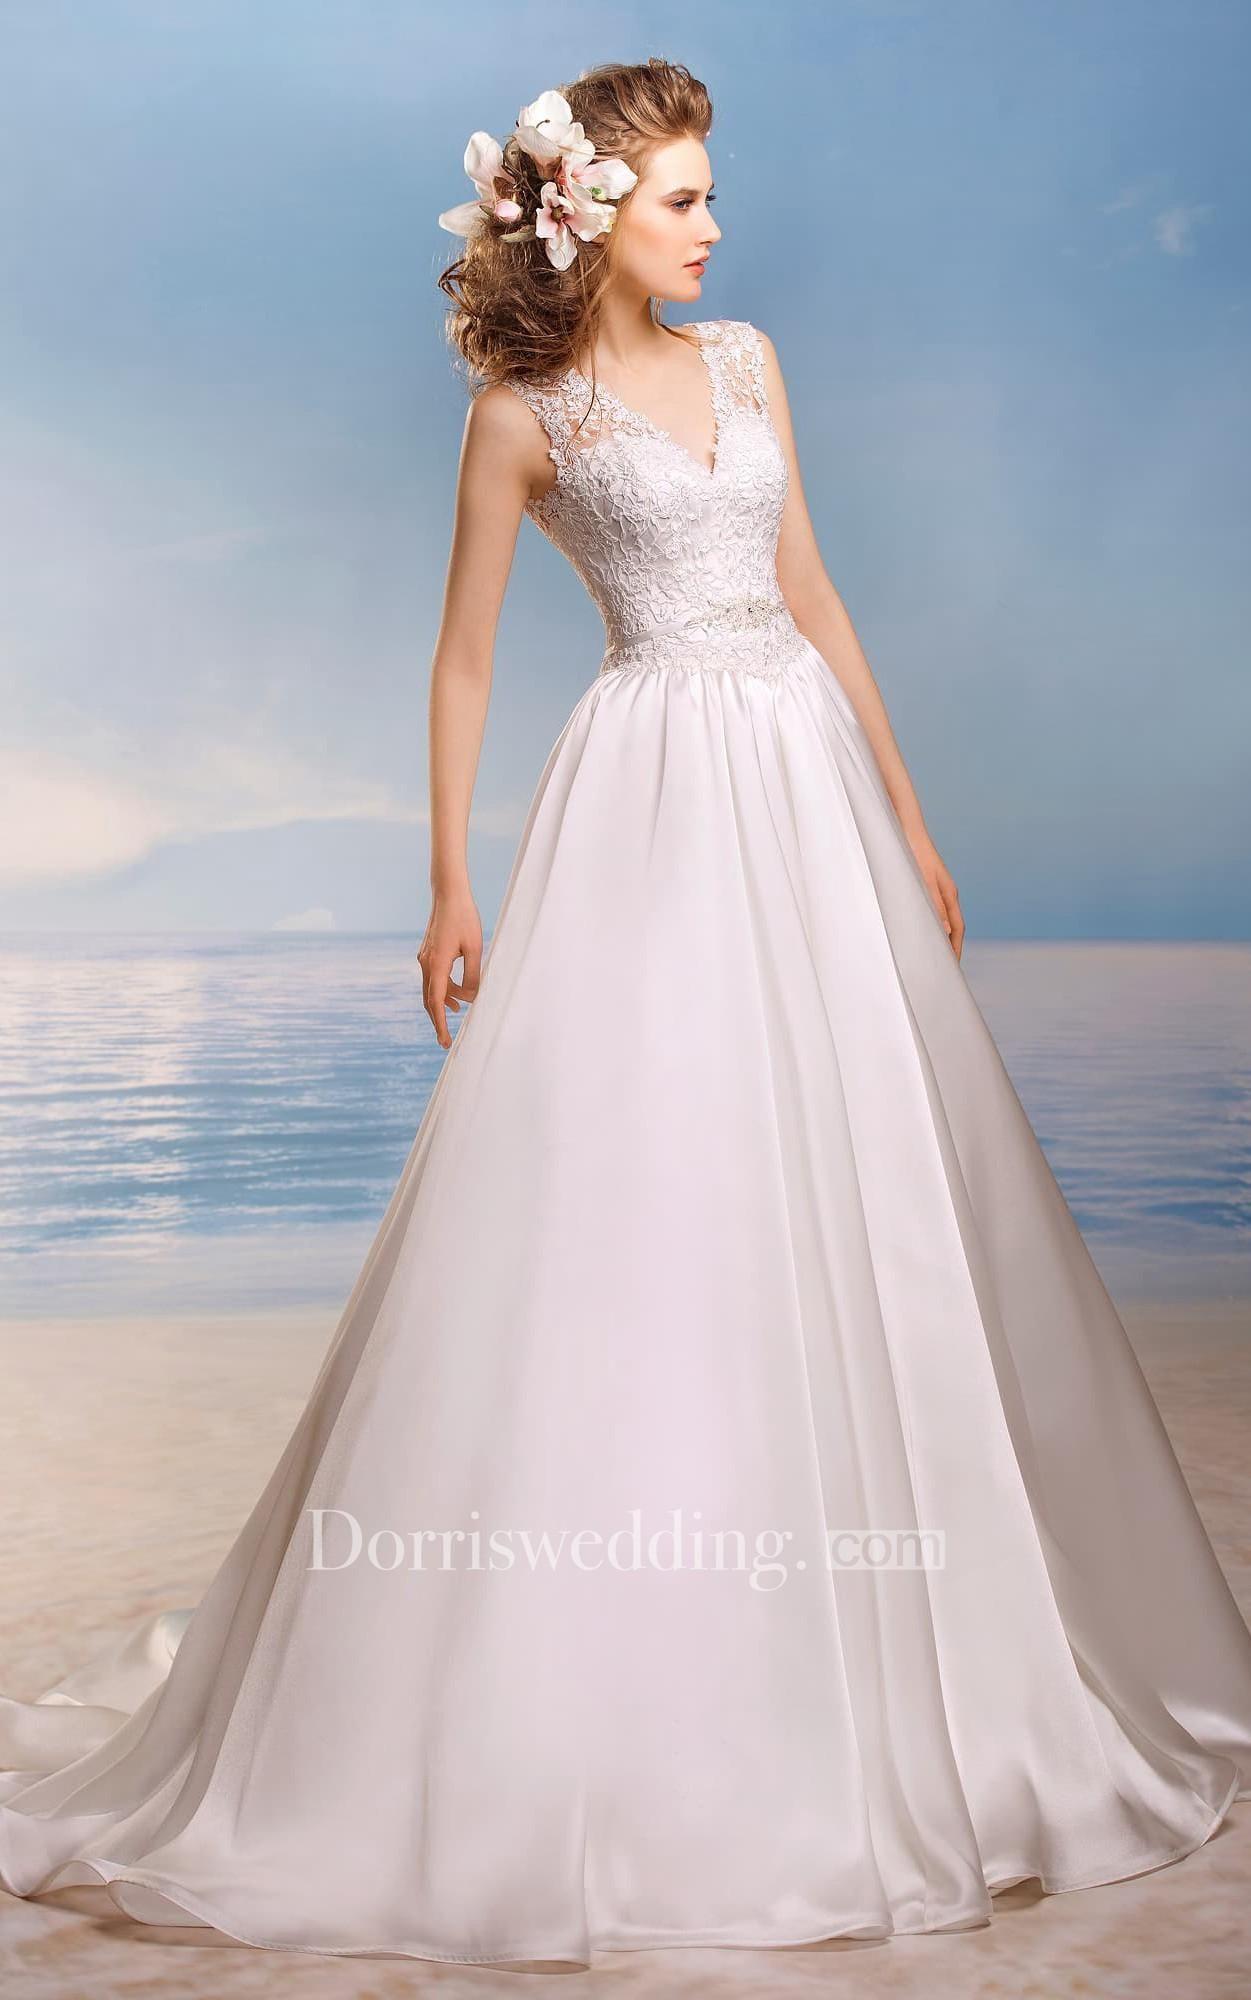 Dorris wedding dorris wedding aline long vneck sleeveless lowv